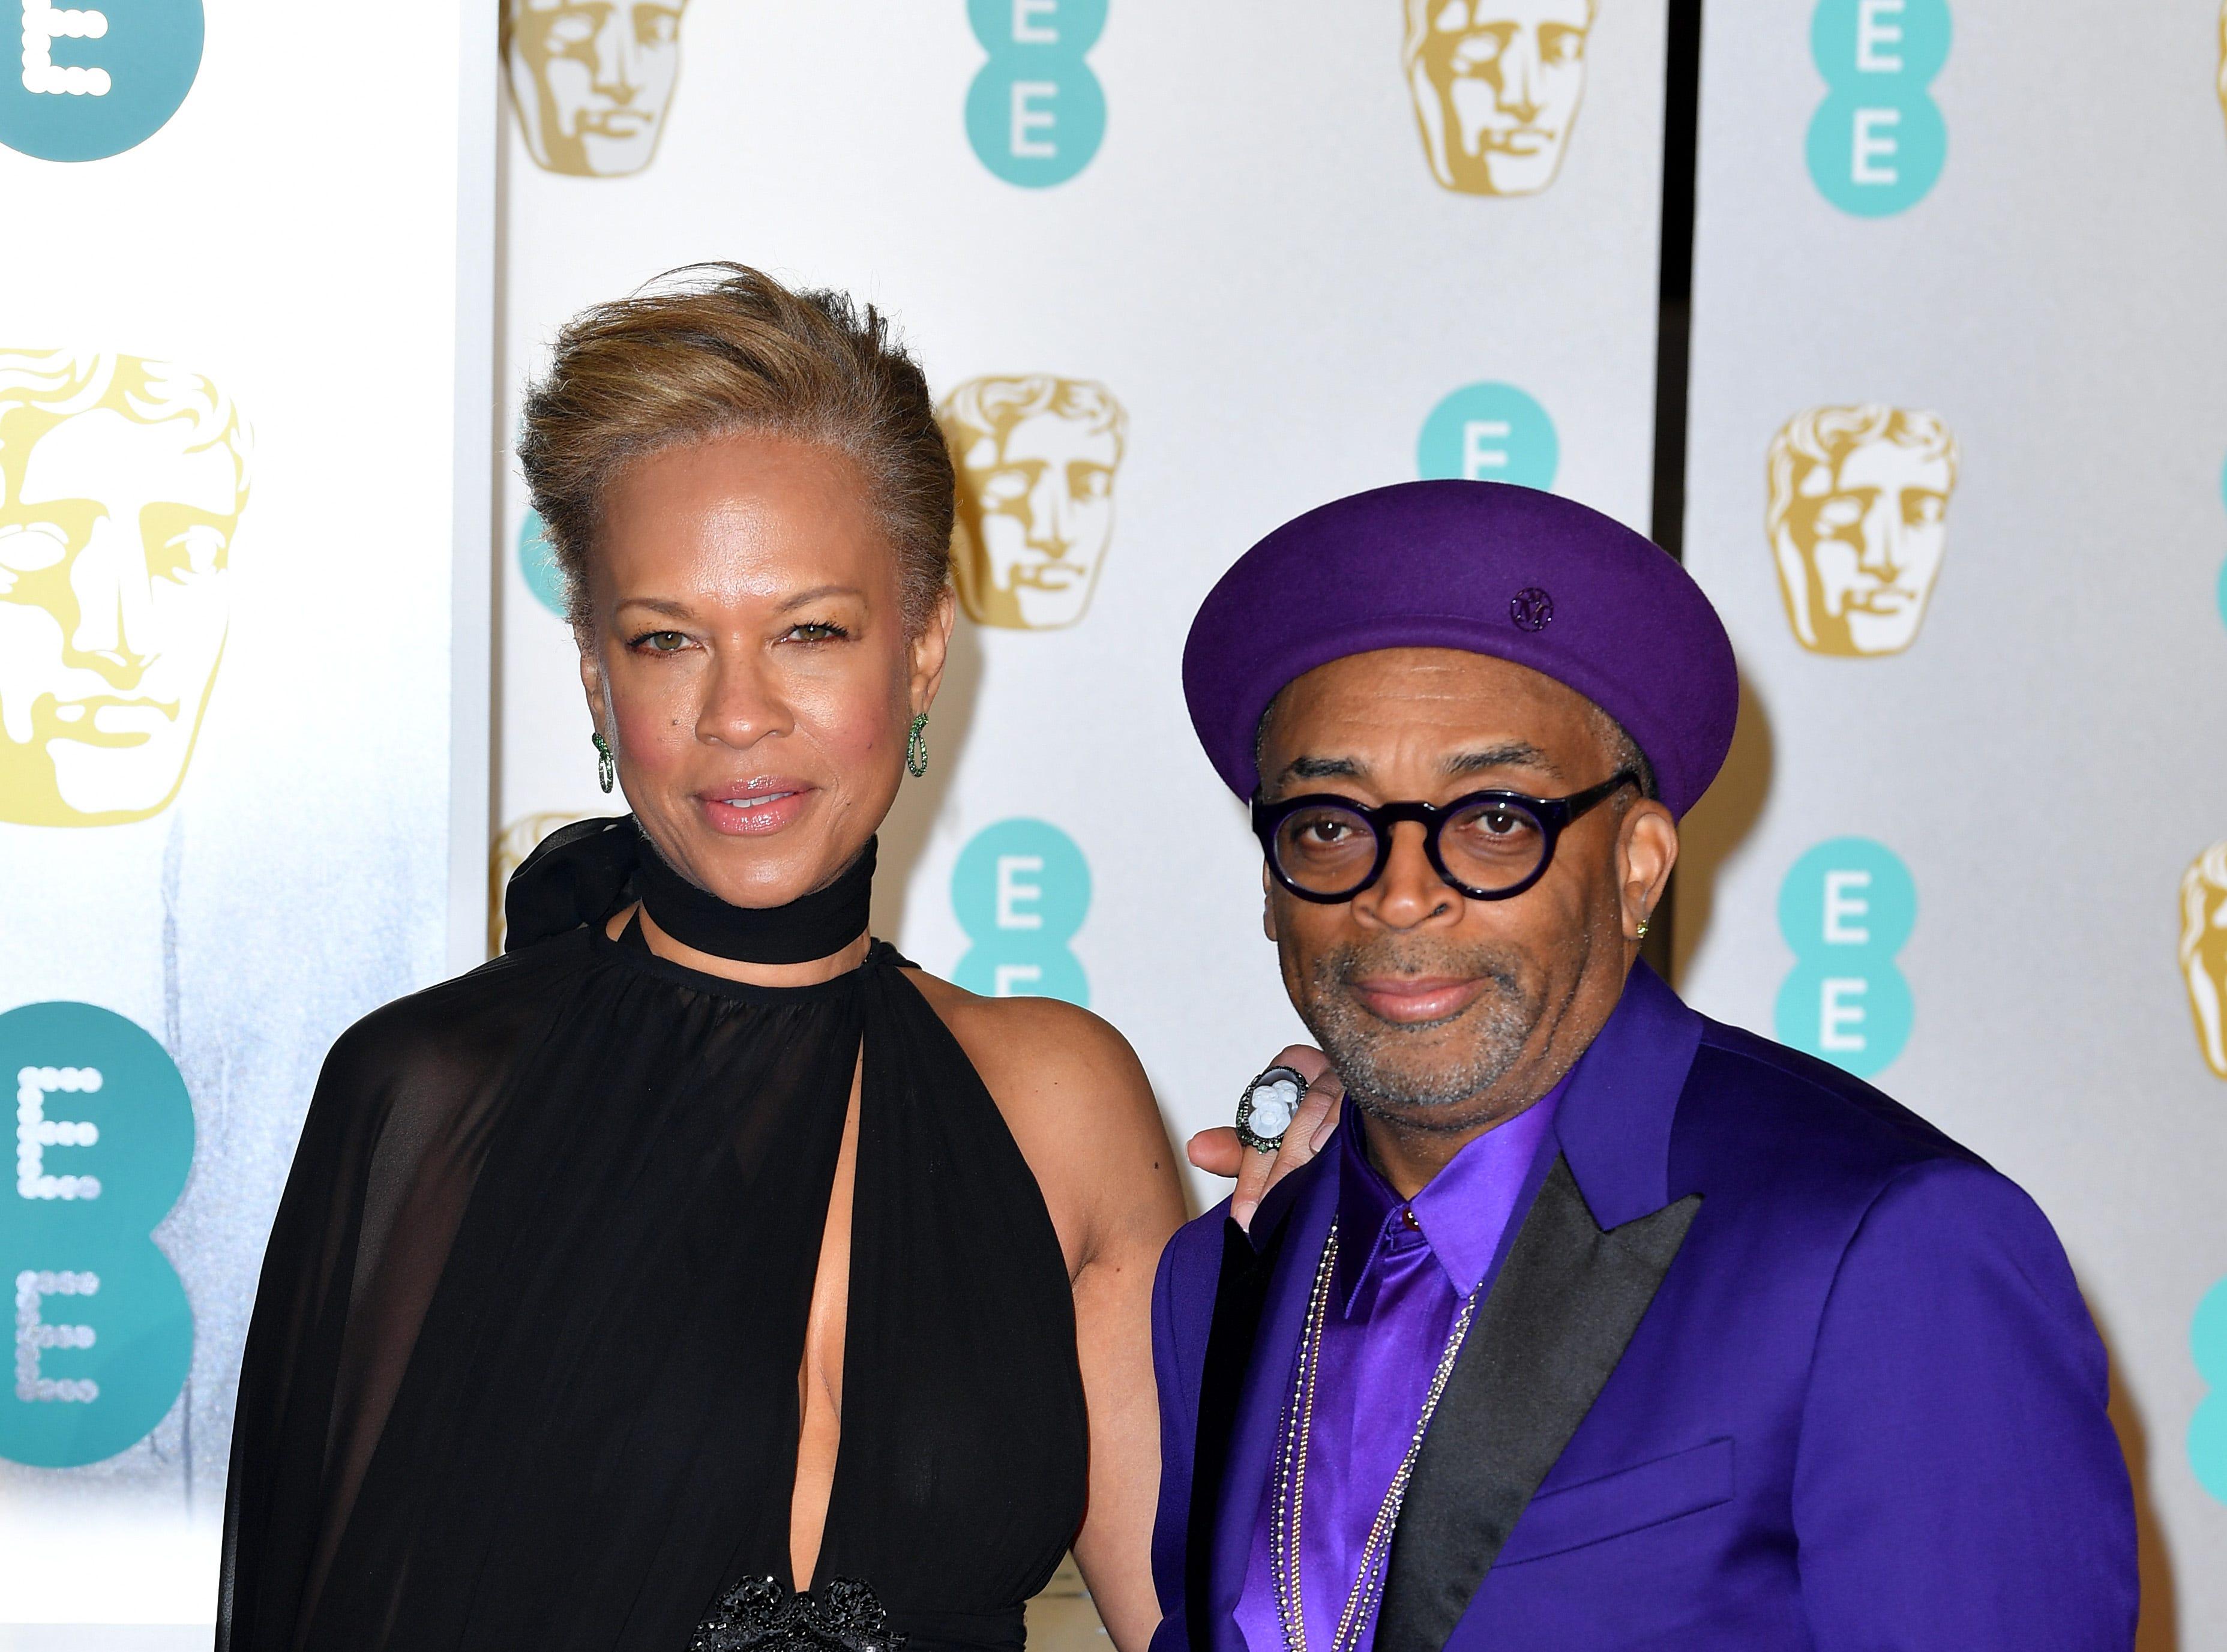 Director Spike Lee and Tonya Lewis Lee